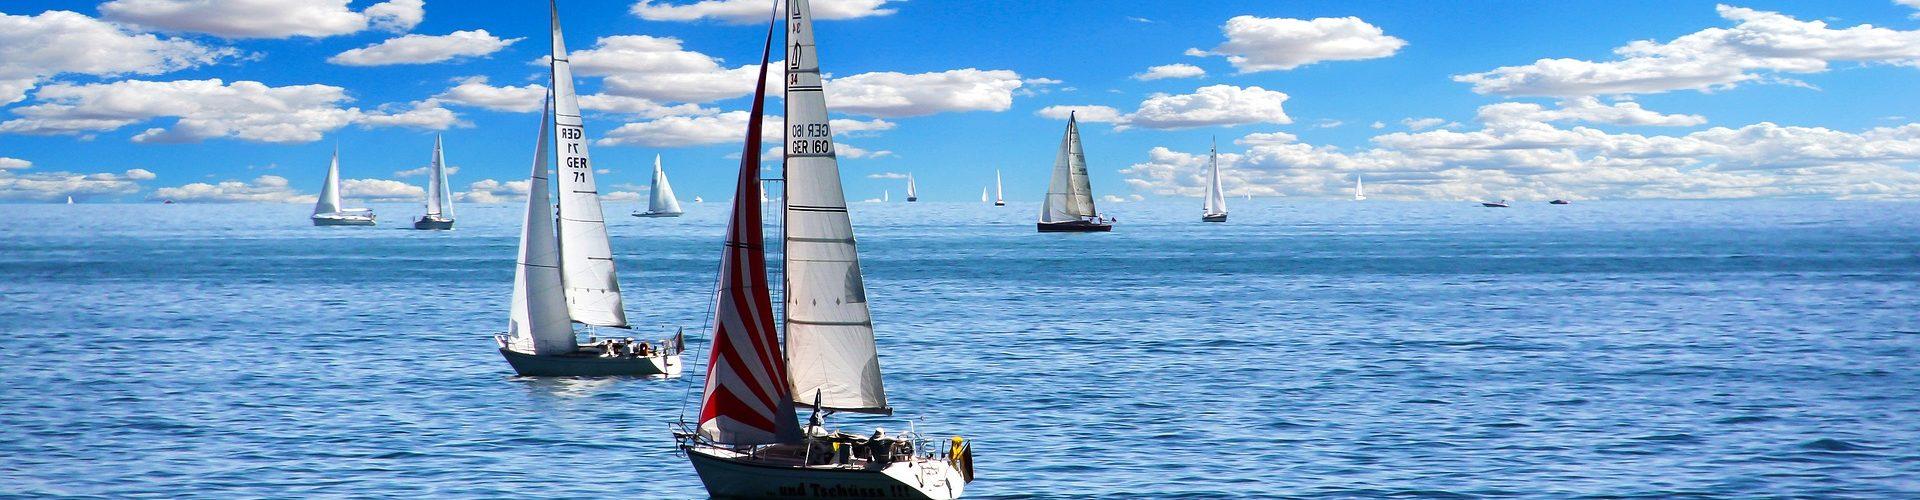 segeln lernen in Offenburg segelschein machen in Offenburg 1920x500 - Segeln lernen in Offenburg